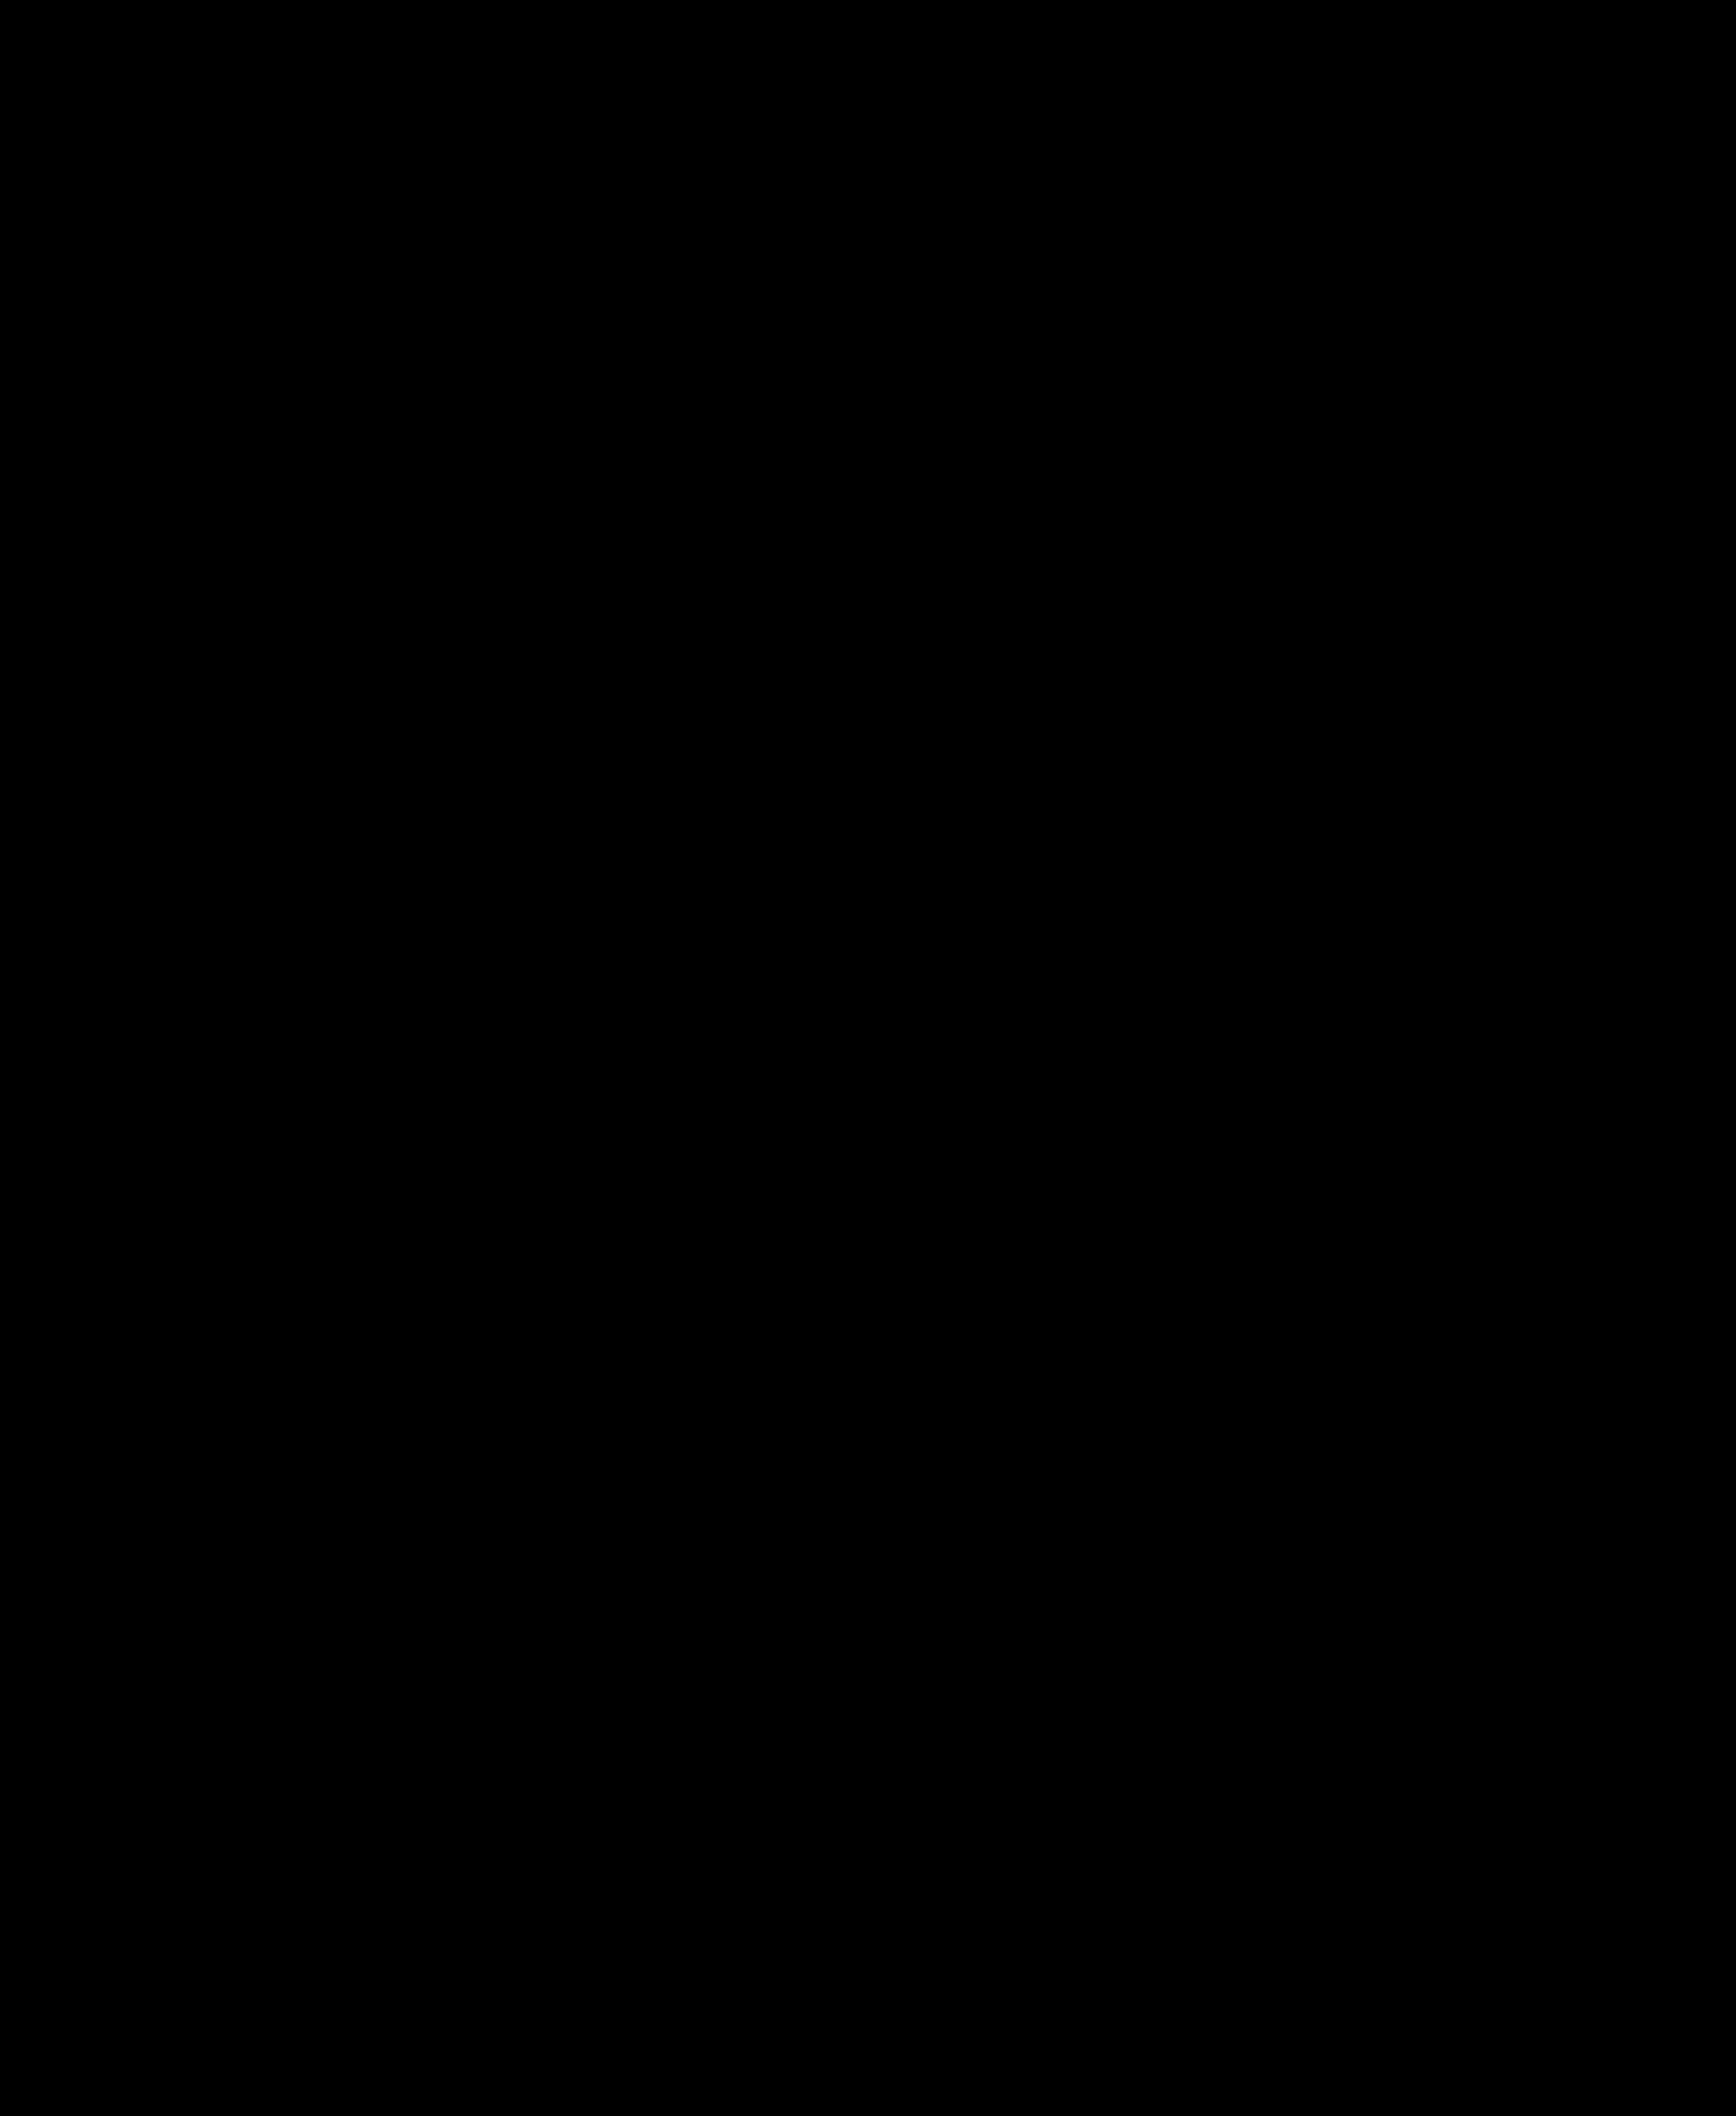 Profile clipart silhouette #9